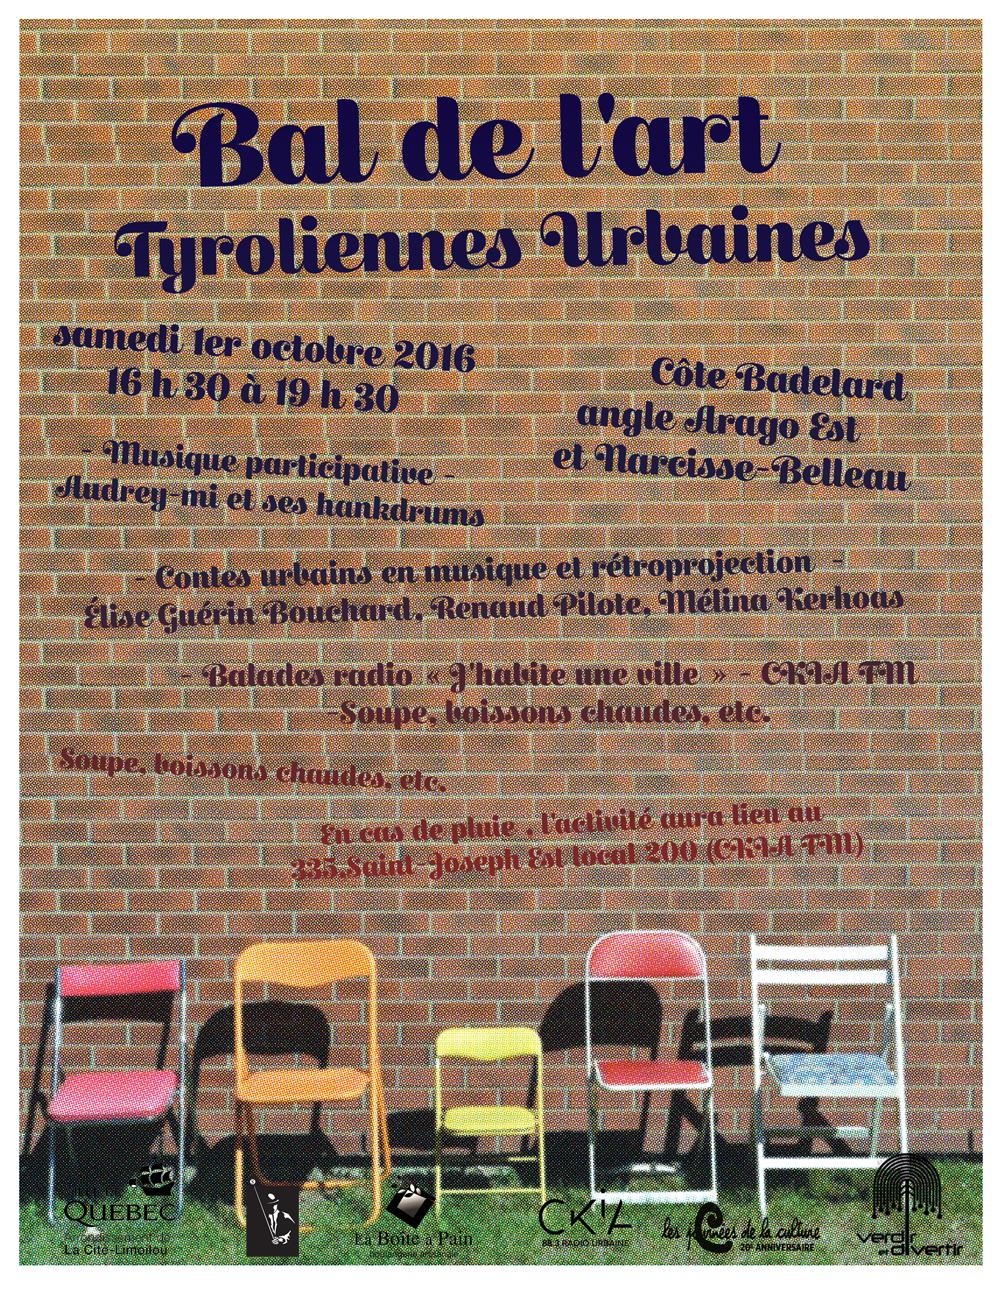 Arènes. le thriller, la comédie policière, le polar rural, le polar urbain, entre Simenon.